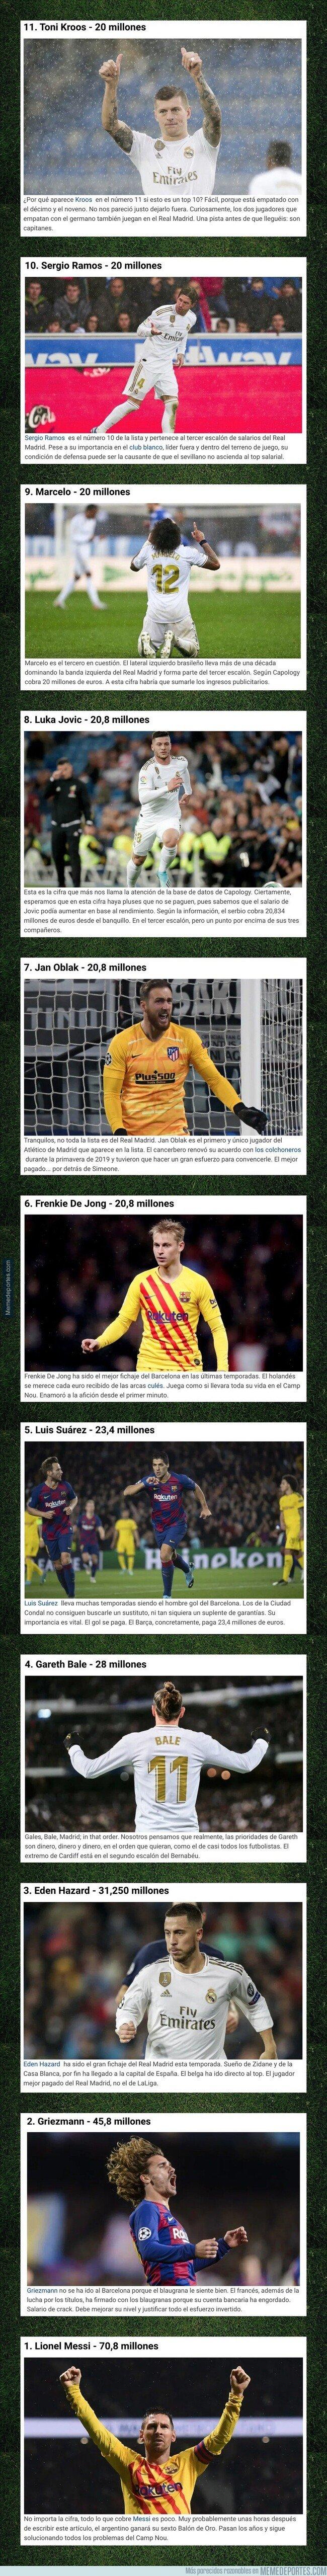 1092606 - Estos son los 10 jugadores mejor pagados de la Liga Santander